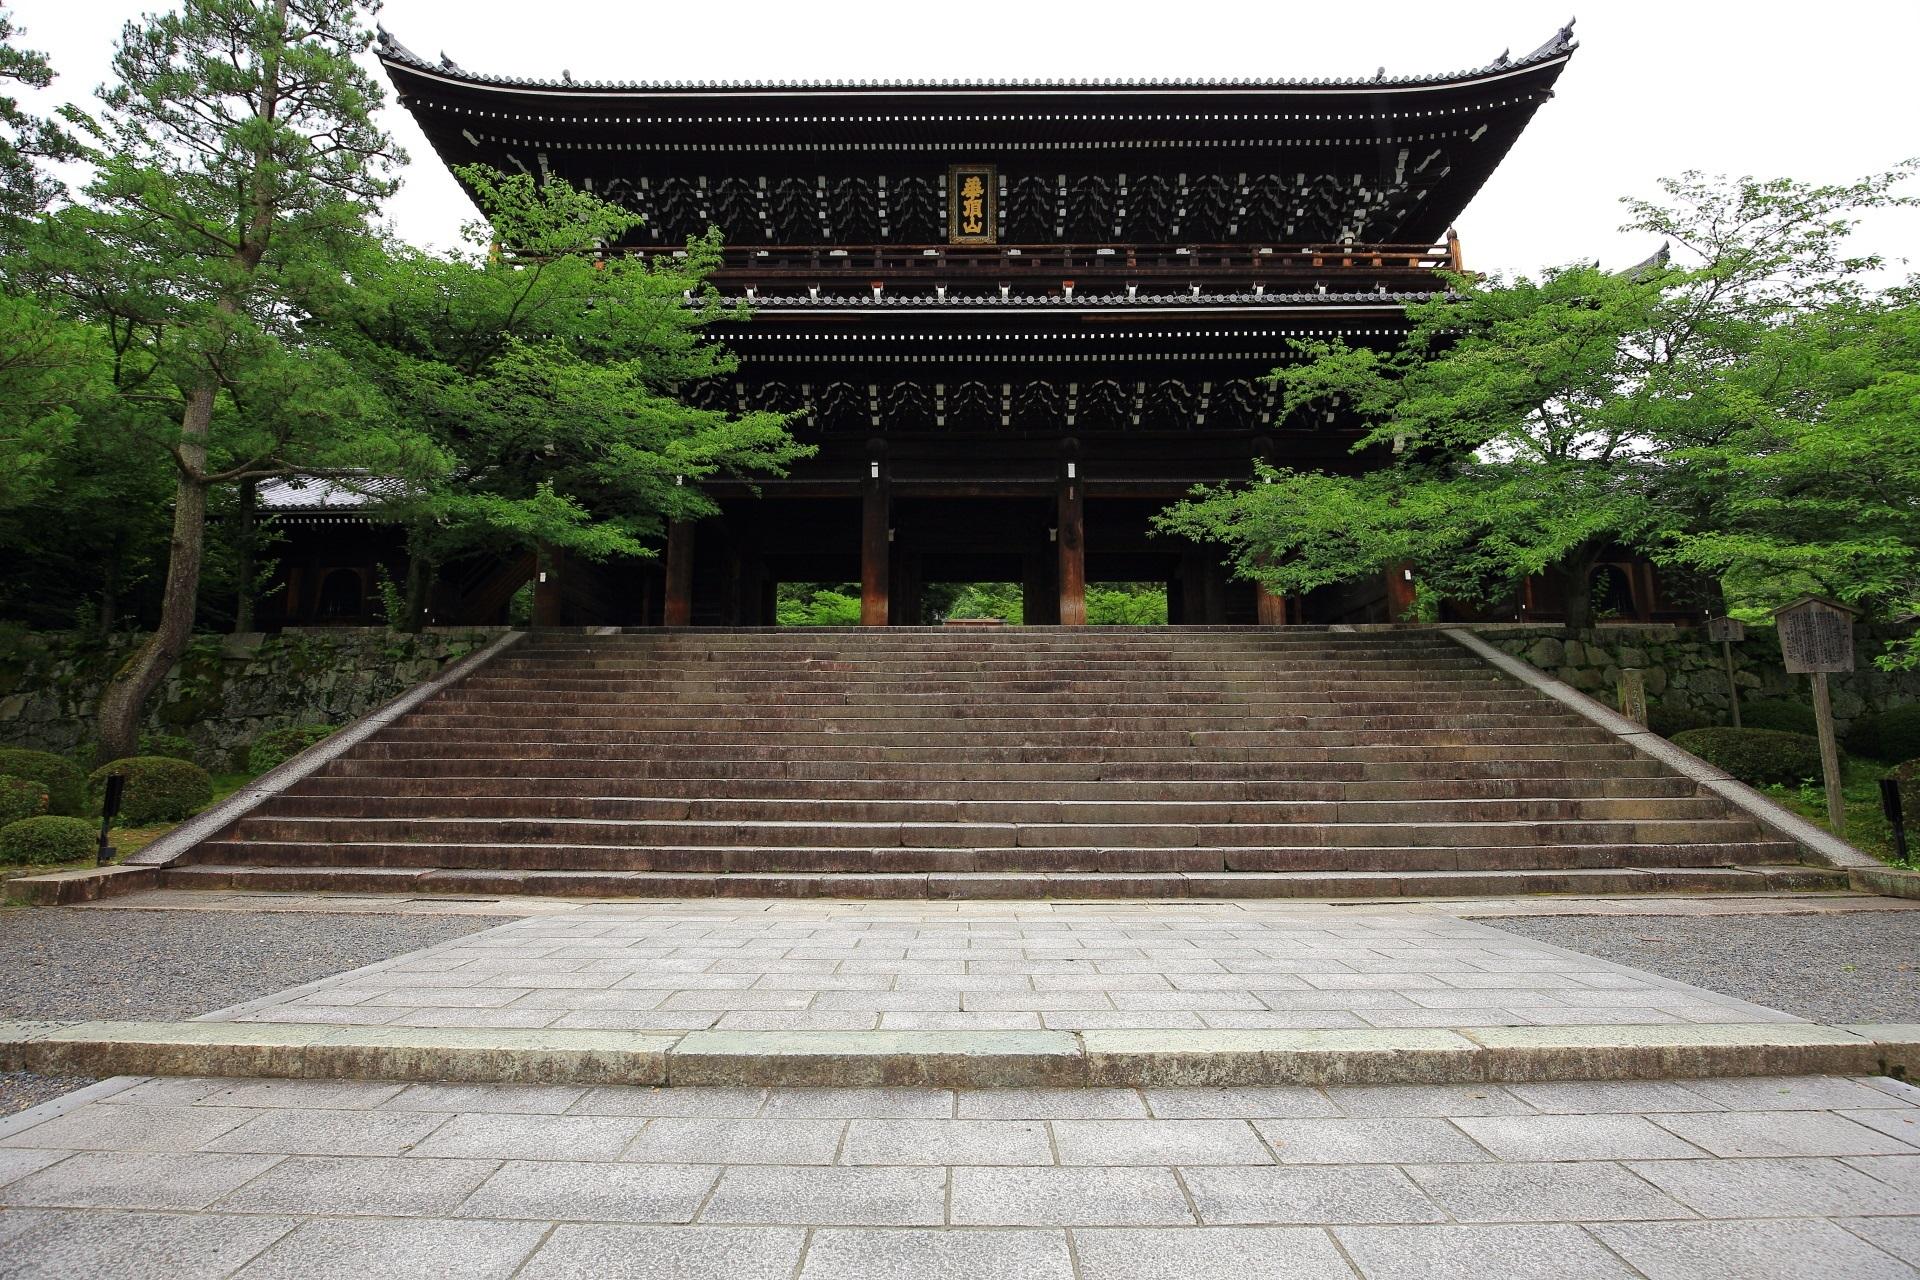 知恩院の巨大な三門